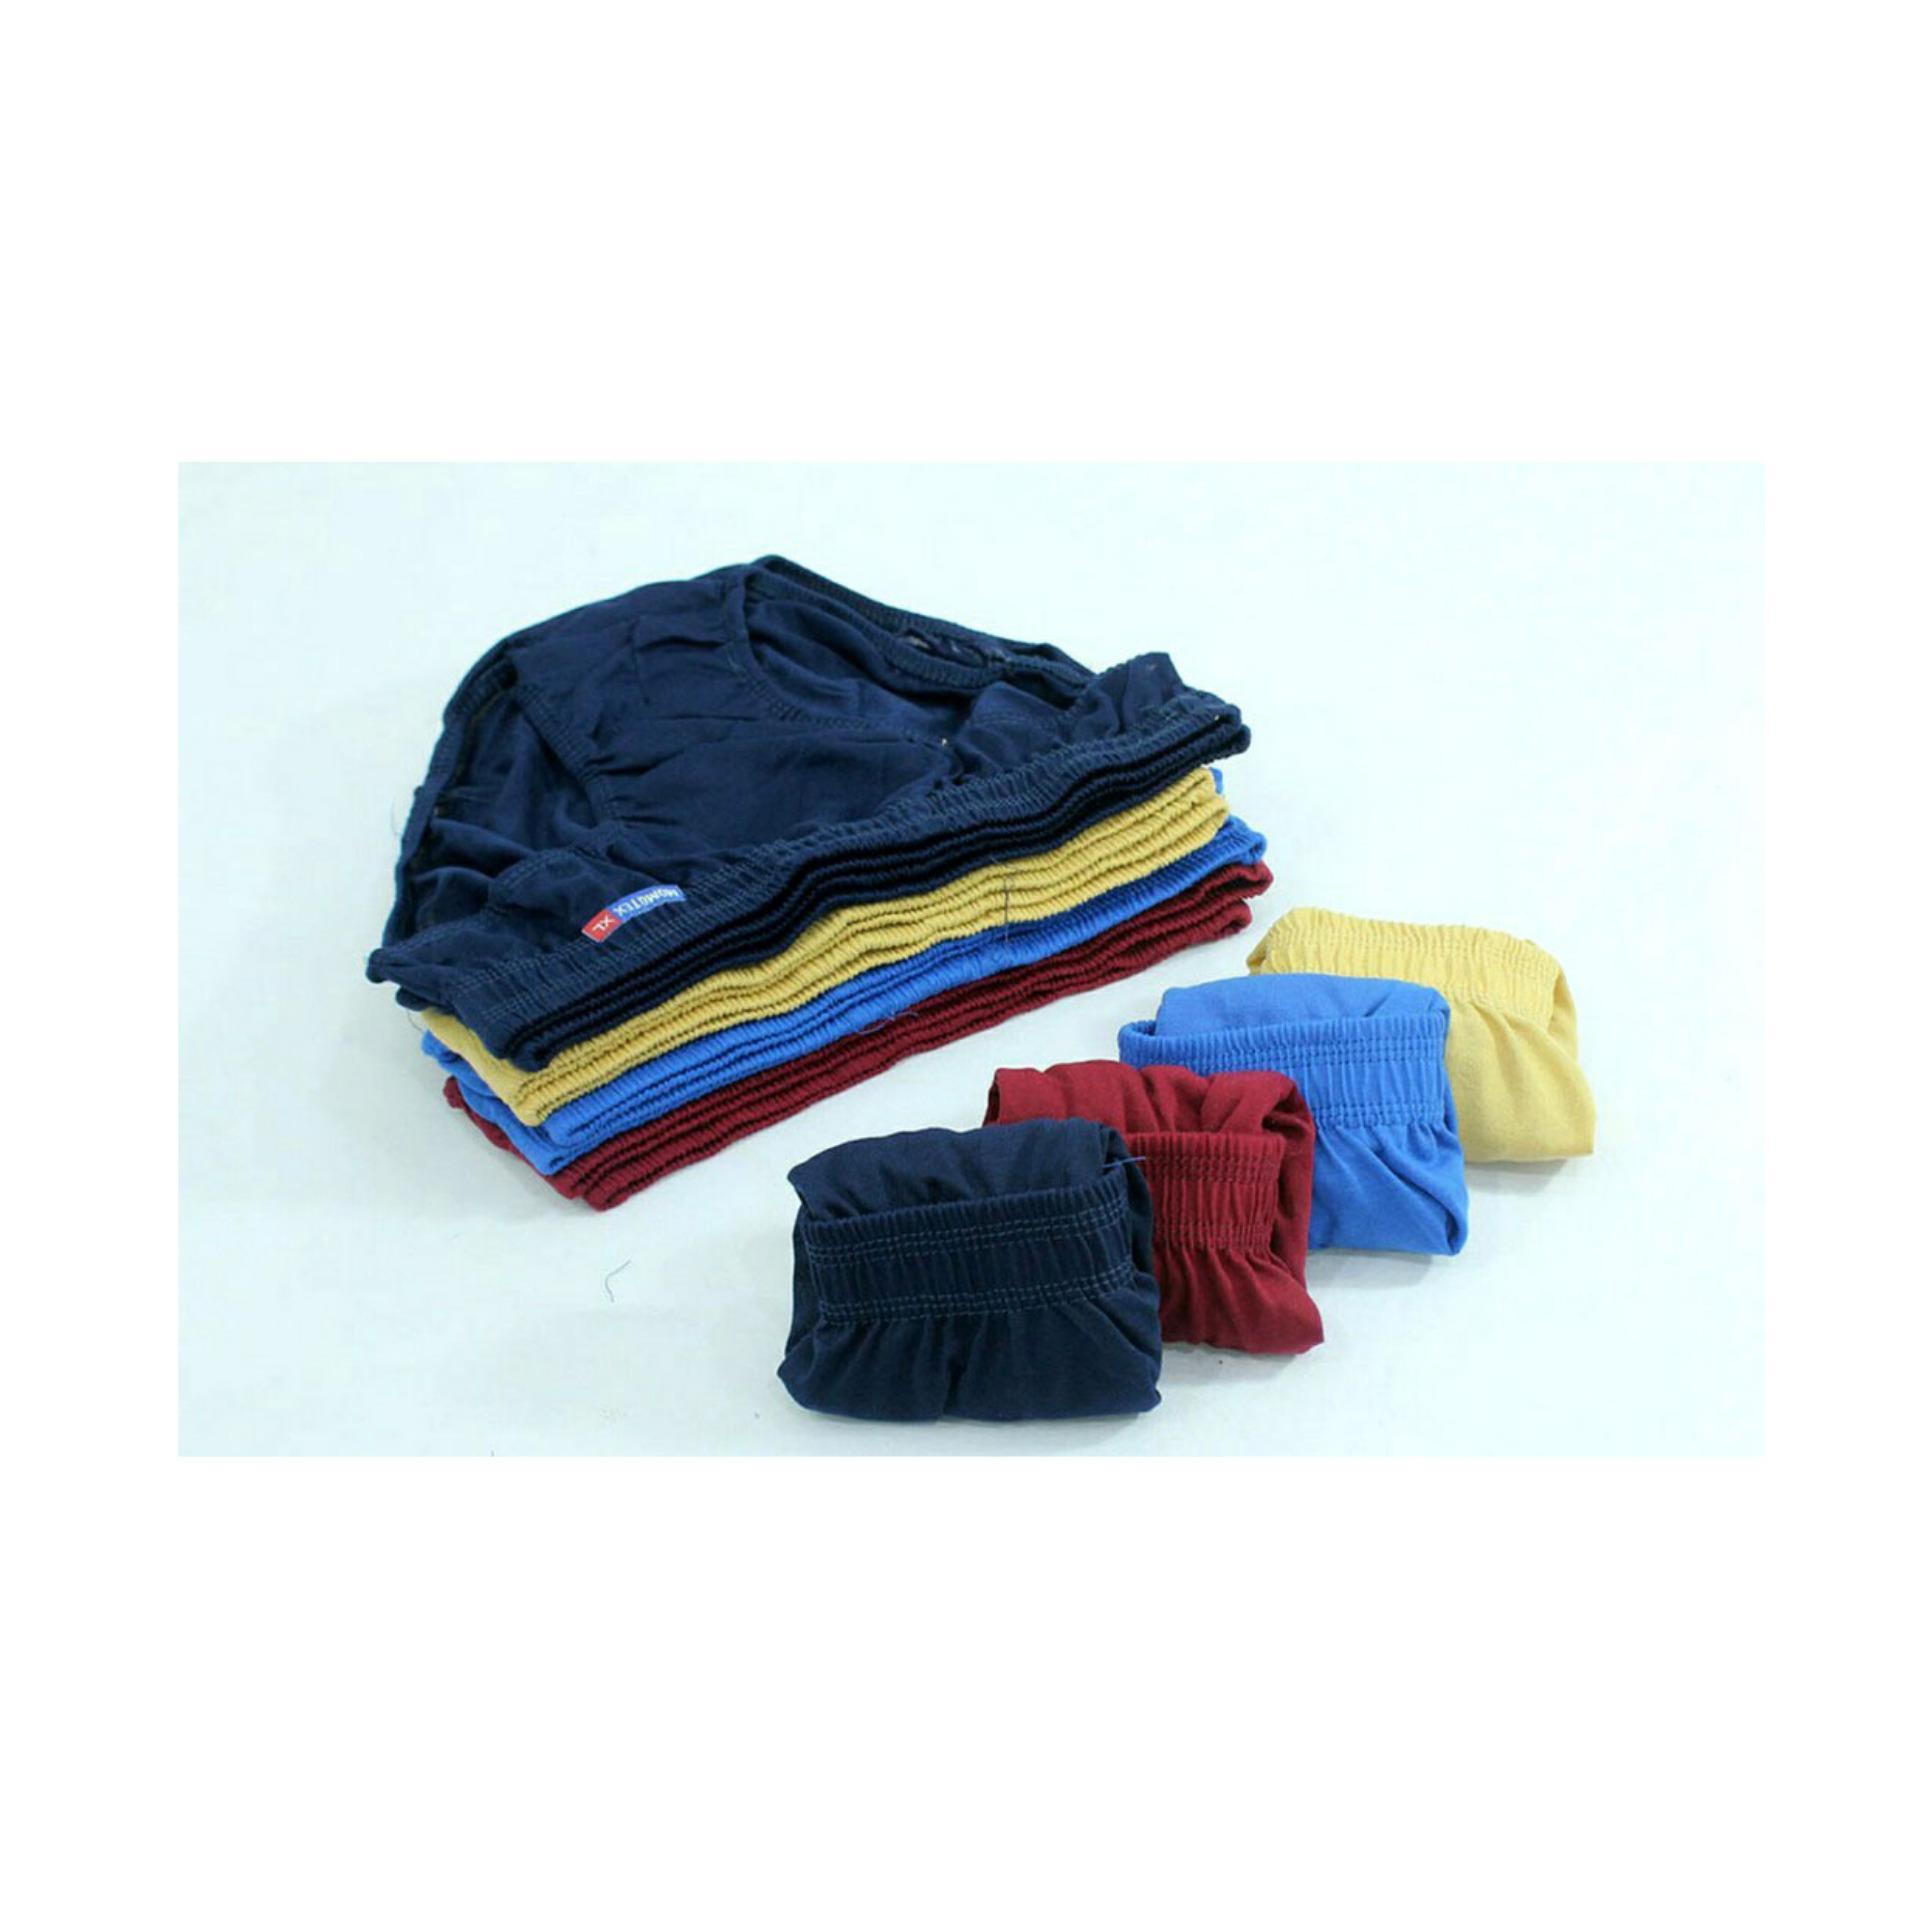 Murah Celana Dalam Pria Gt Man Cd Pakaian Gtman Rpg Kaos Oblong Hitam Lebar Paha 66 Cm Kolor 3 Pcs